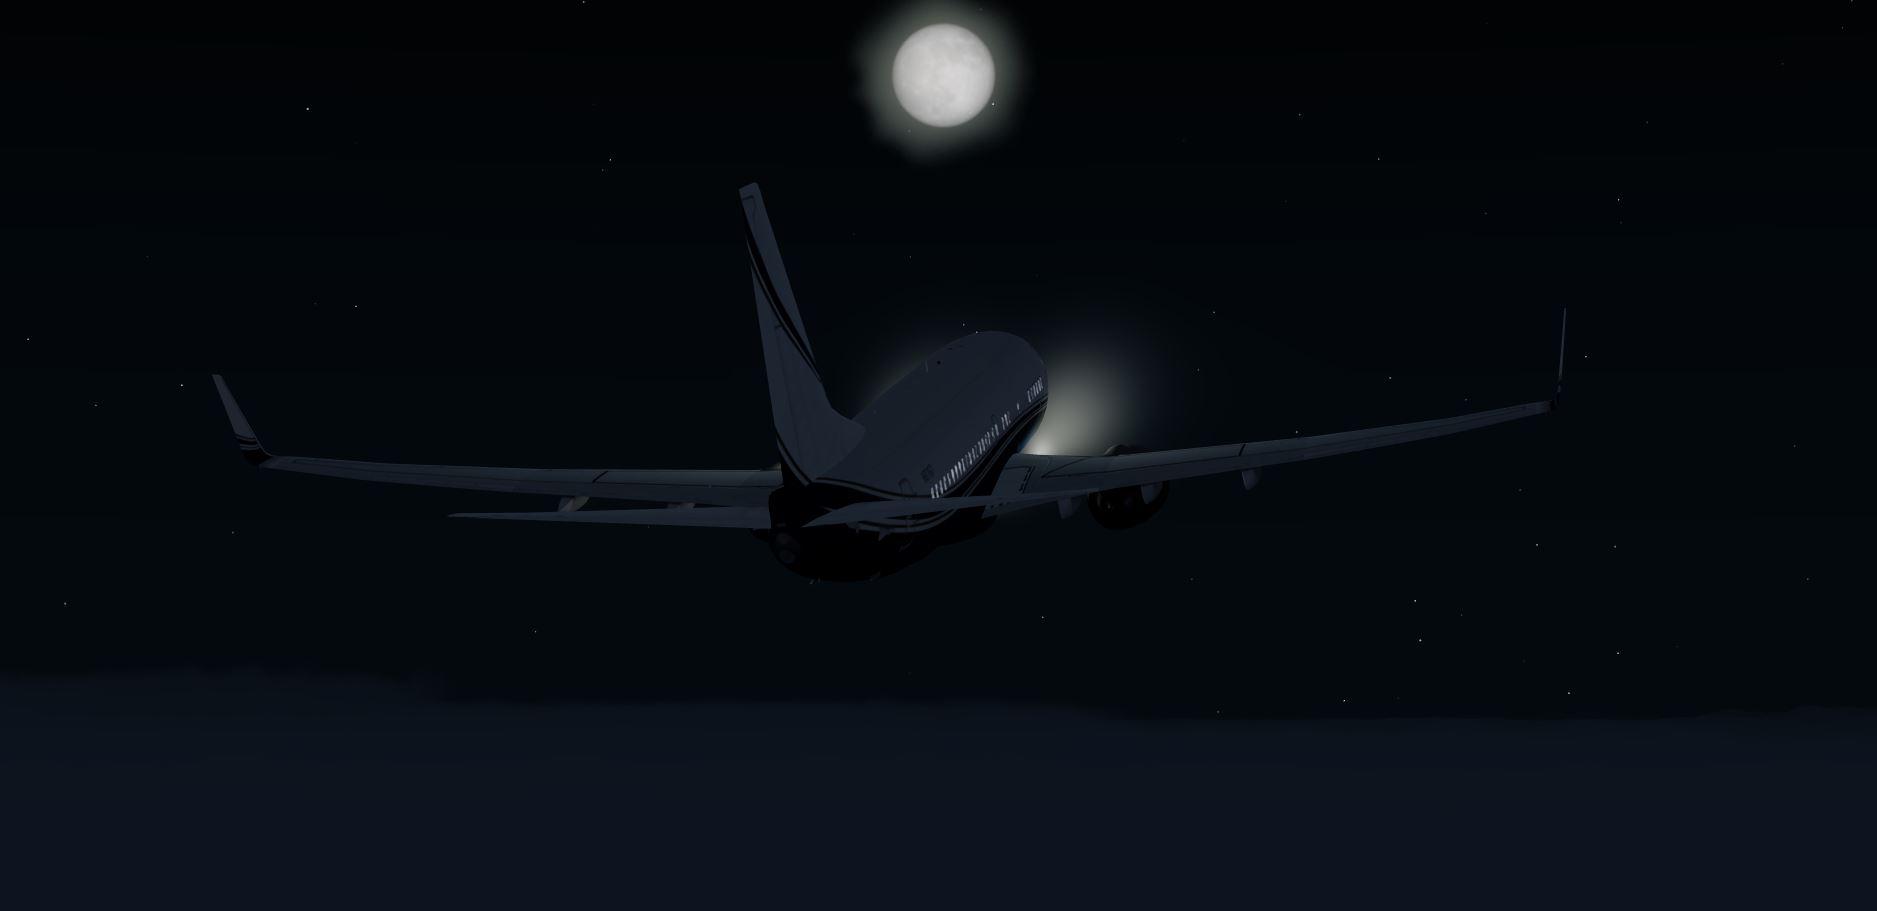 A BBJ work in progress #3 (iFly 737 64bit)